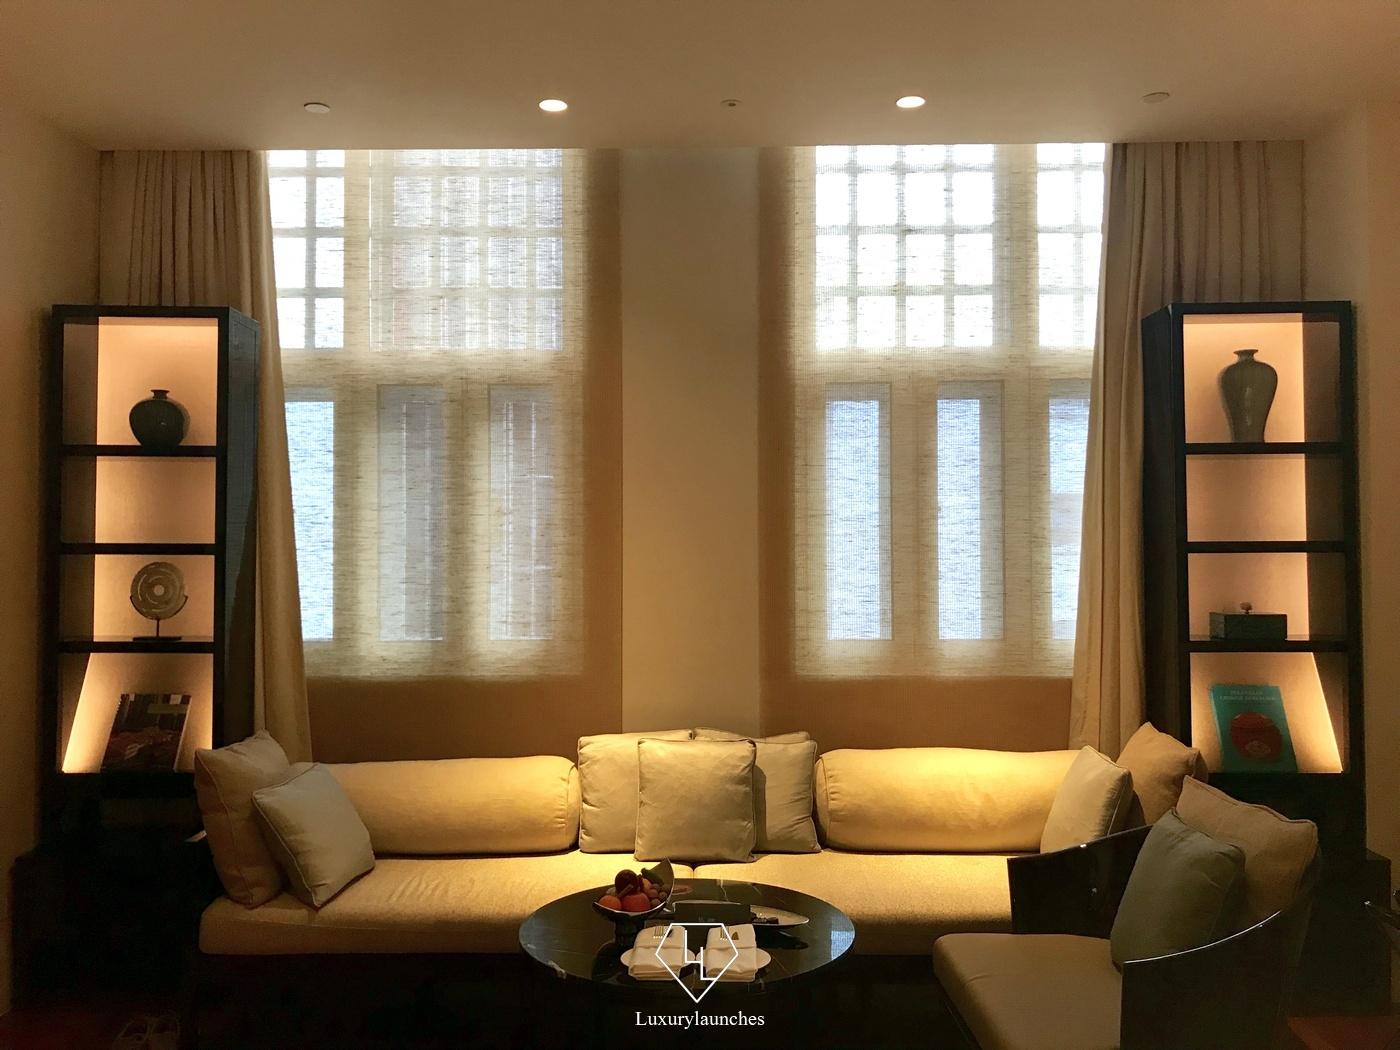 The-Capitol-Kempinski-Grand-Deluxe-Room.jpg (1400×1050)